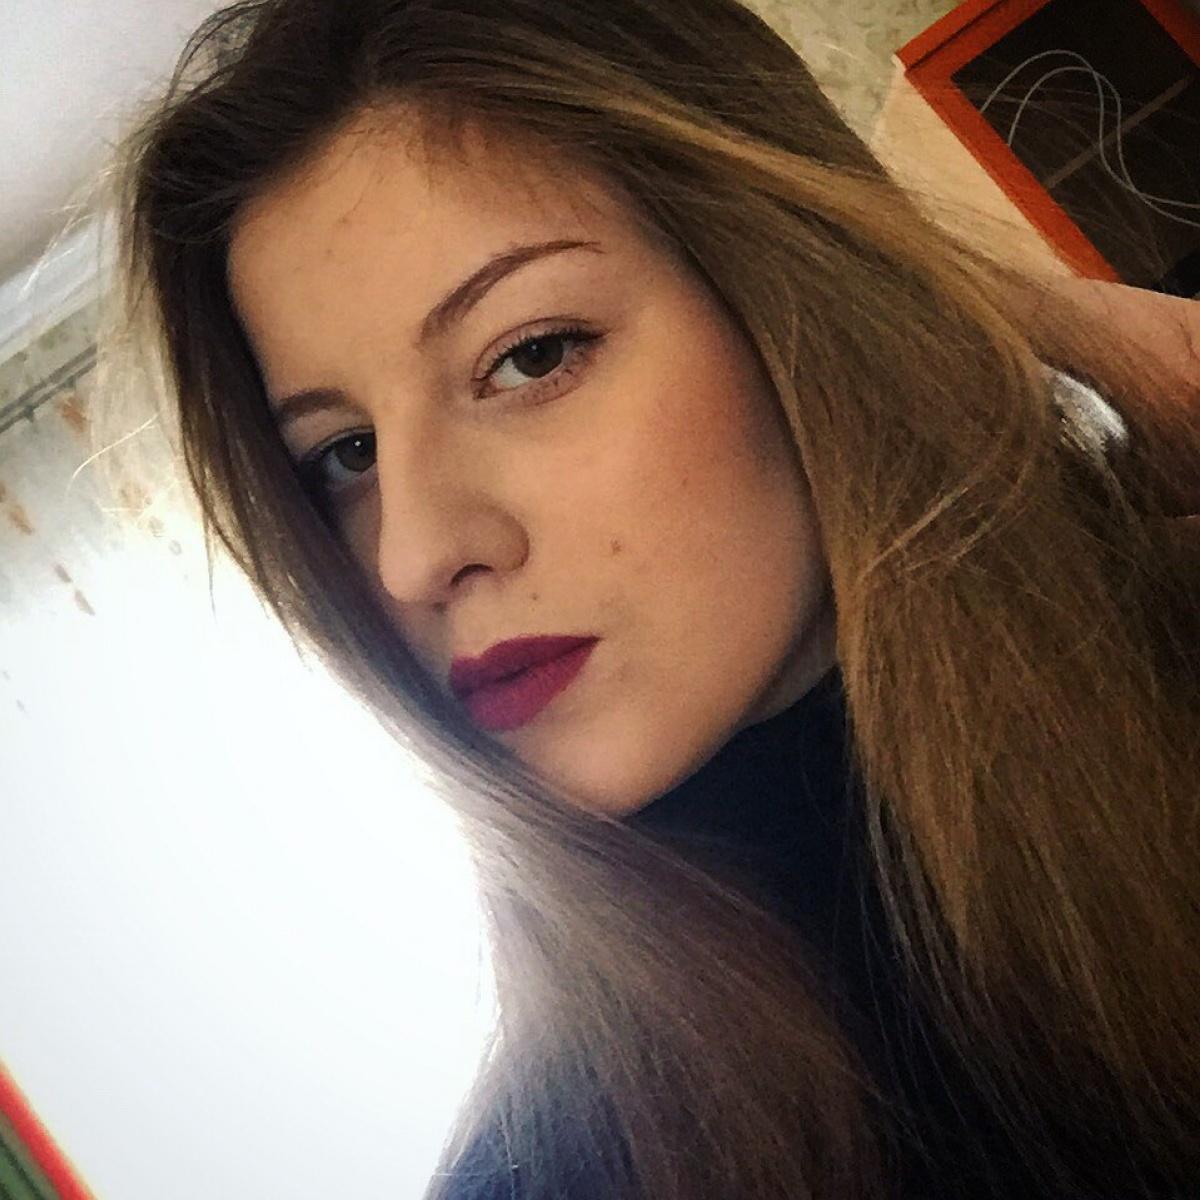 СМИ: В Харькове пропала дочь главы МВД ЛНР